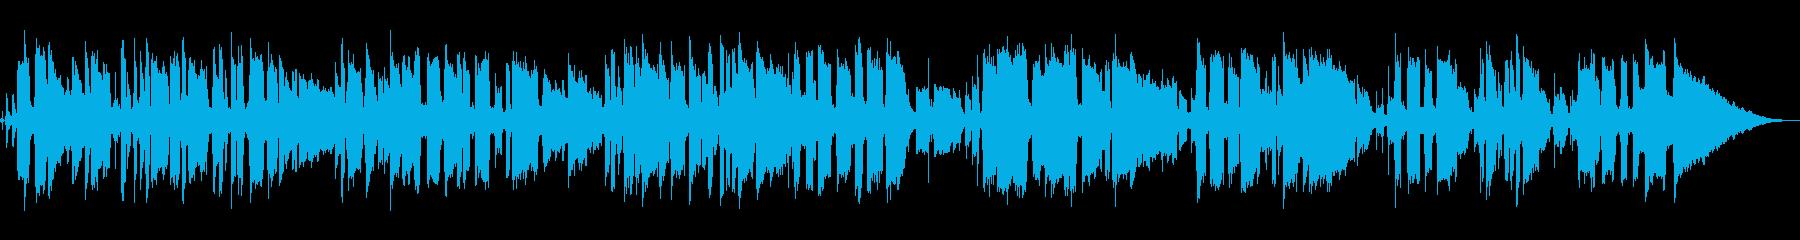 エレクトリックギターのブルース。 ...の再生済みの波形